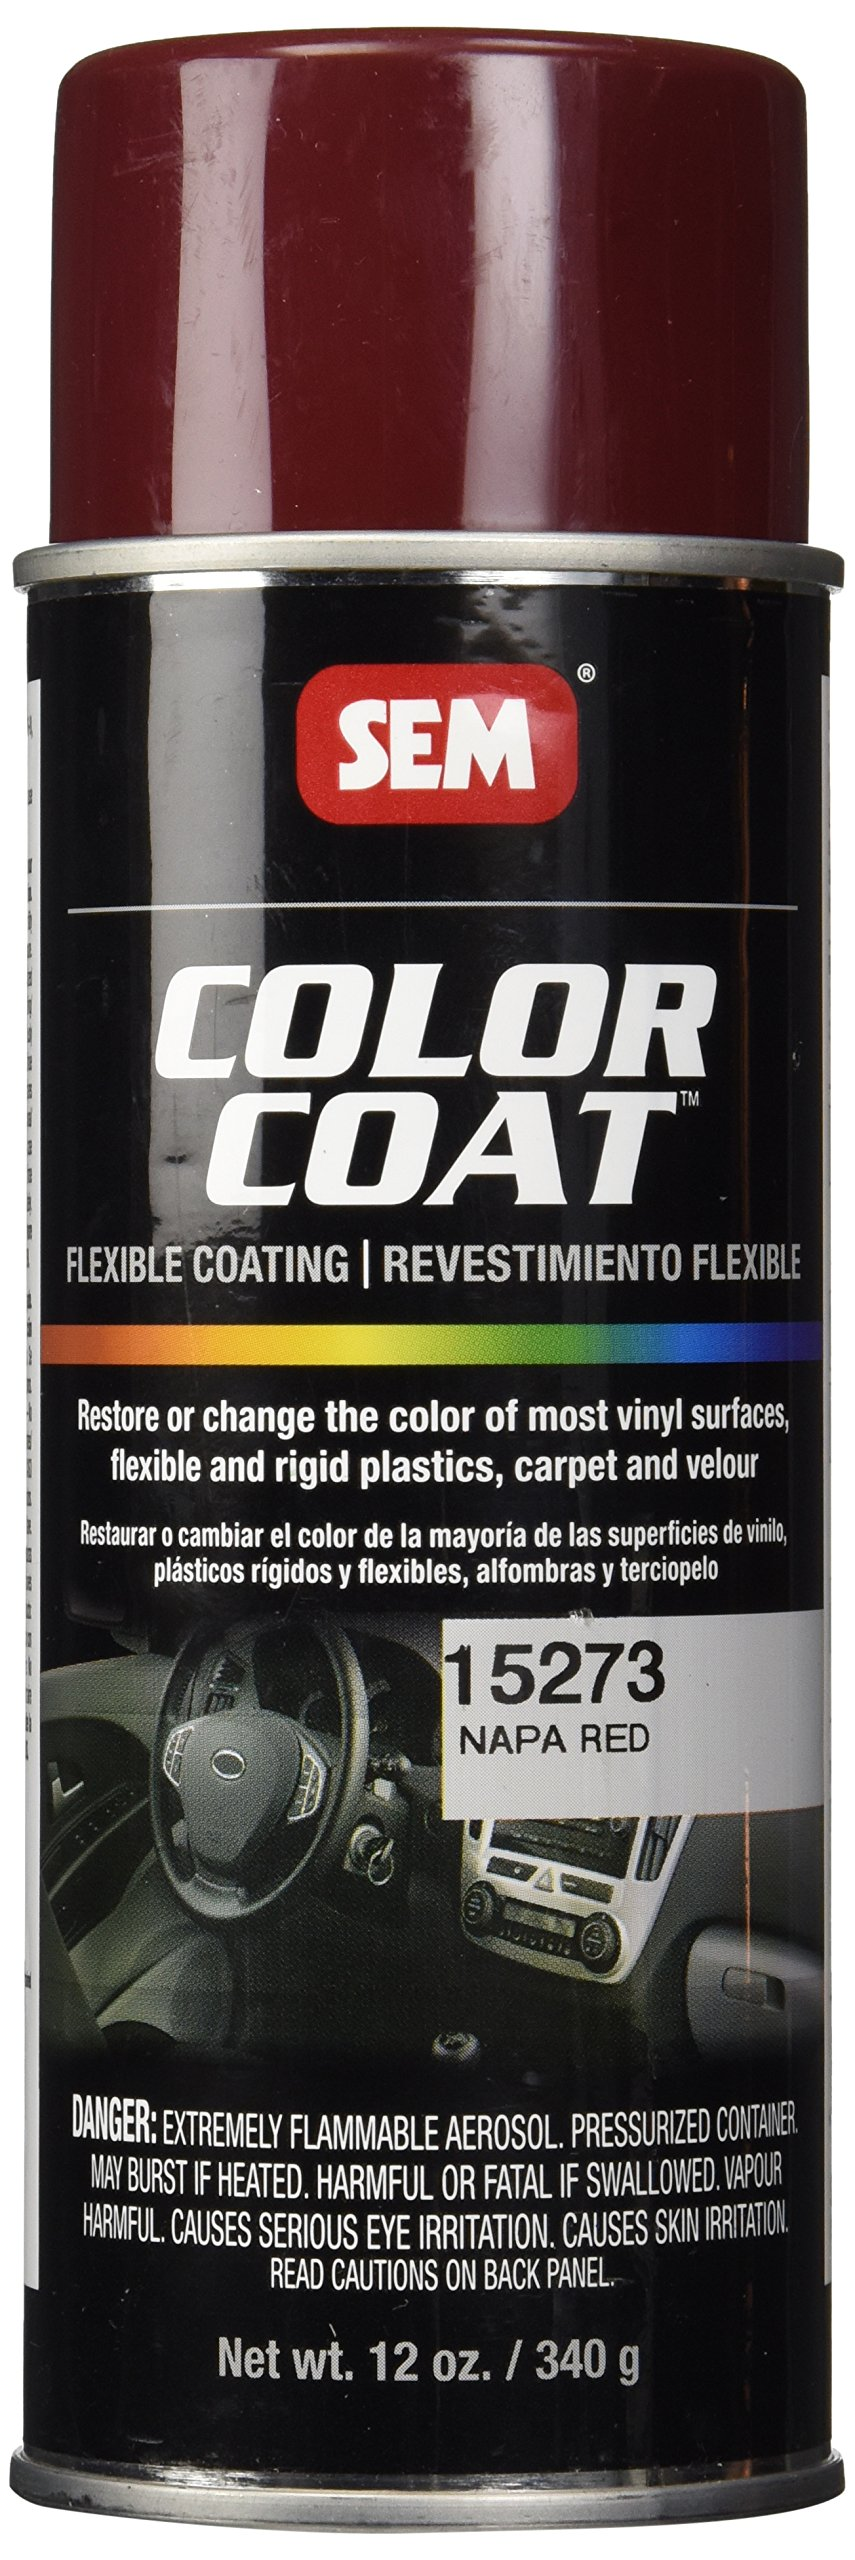 SEM Products 15273 Napa Red Color Coat - 12 oz.